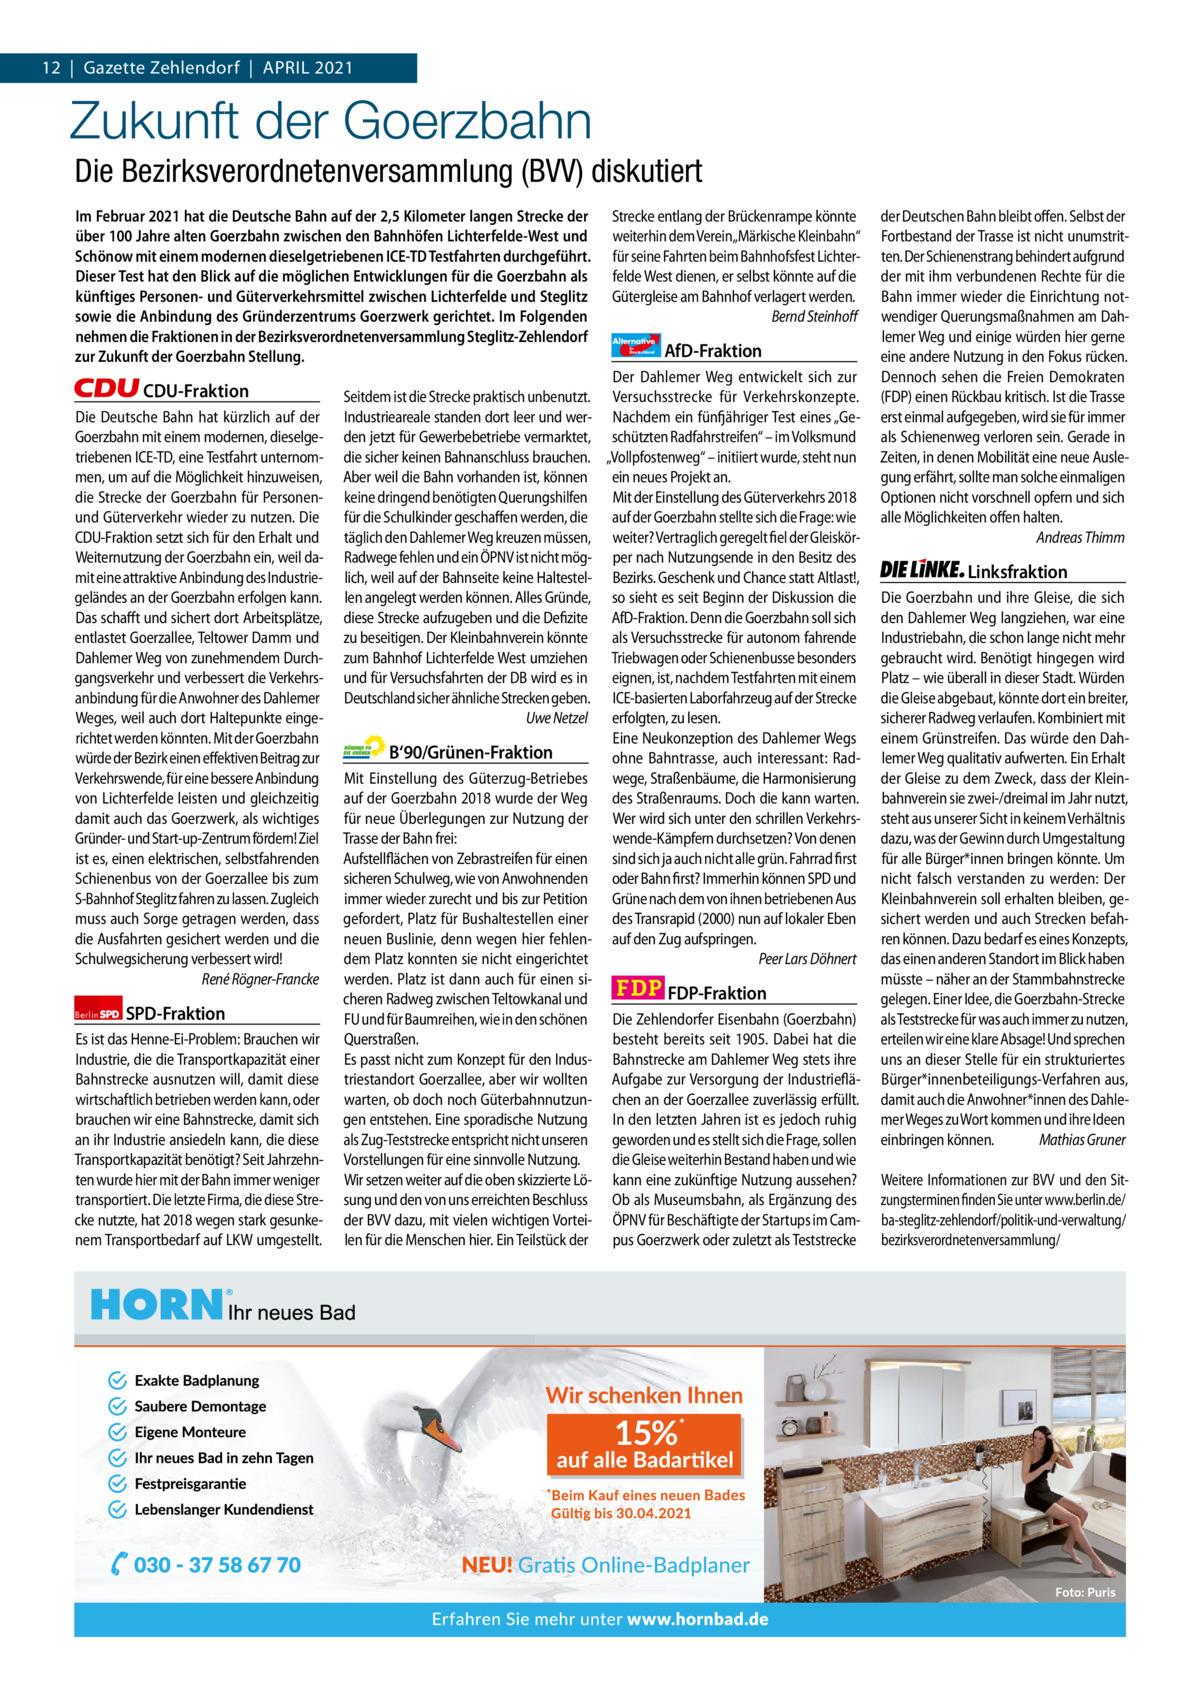 1 | Gazette Zehlendorf 12|Gazette Zehlendorf|APRIL | APRIL 2021 2021  Zukunft der Goerzbahn Die Bezirksverordnetenversammlung (BVV) diskutiert Im Februar 2021 hat die Deutsche Bahn auf der 2,5Kilometer langen Strecke der über 100Jahre alten Goerzbahn zwischen den Bahnhöfen Lichterfelde-West und Schönow mit einem modernen dieselgetriebenen ICE-TD Testfahrten durchgeführt. Dieser Test hat den Blick auf die möglichen Entwicklungen für die Goerzbahn als künftiges Personen- und Güterverkehrsmittel zwischen Lichterfelde und Steglitz sowie die Anbindung des Gründerzentrums Goerzwerk gerichtet. Im Folgenden nehmen die Fraktionen in der Bezirksverordnetenversammlung Steglitz-Zehlendorf zur Zukunft der Goerzbahn Stellung.  CDU-Fraktion Die Deutsche Bahn hat kürzlich auf der Goerzbahn mit einem modernen, dieselgetriebenen ICE-TD, eine Testfahrt unternommen, um auf die Möglichkeit hinzuweisen, die Strecke der Goerzbahn für Personenund Güterverkehr wieder zu nutzen. Die CDU-Fraktion setzt sich für den Erhalt und Weiternutzung der Goerzbahn ein, weil damit eine attraktive Anbindung des Industriegeländes an der Goerzbahn erfolgen kann. Das schafft und sichert dort Arbeitsplätze, entlastet Goerzallee, Teltower Damm und Dahlemer Weg von zunehmendem Durchgangsverkehr und verbessert die Verkehrsanbindung für die Anwohner des Dahlemer Weges, weil auch dort Haltepunkte eingerichtet werden könnten. Mit der Goerzbahn würde der Bezirk einen effektiven Beitrag zur Verkehrswende, für eine bessere Anbindung von Lichterfelde leisten und gleichzeitig damit auch das Goerzwerk, als wichtiges Gründer- und Start-up-Zentrum fördern! Ziel ist es, einen elektrischen, selbstfahrenden Schienenbus von der Goerzallee bis zum S-Bahnhof Steglitz fahren zu lassen. Zugleich muss auch Sorge getragen werden, dass die Ausfahrten gesichert werden und die Schulwegsicherung verbessert wird! René Rögner-Francke Berlin  SPD-Fraktion  Es ist das Henne-Ei-Problem: Brauchen wir Industrie, die die Transportkapazität eine